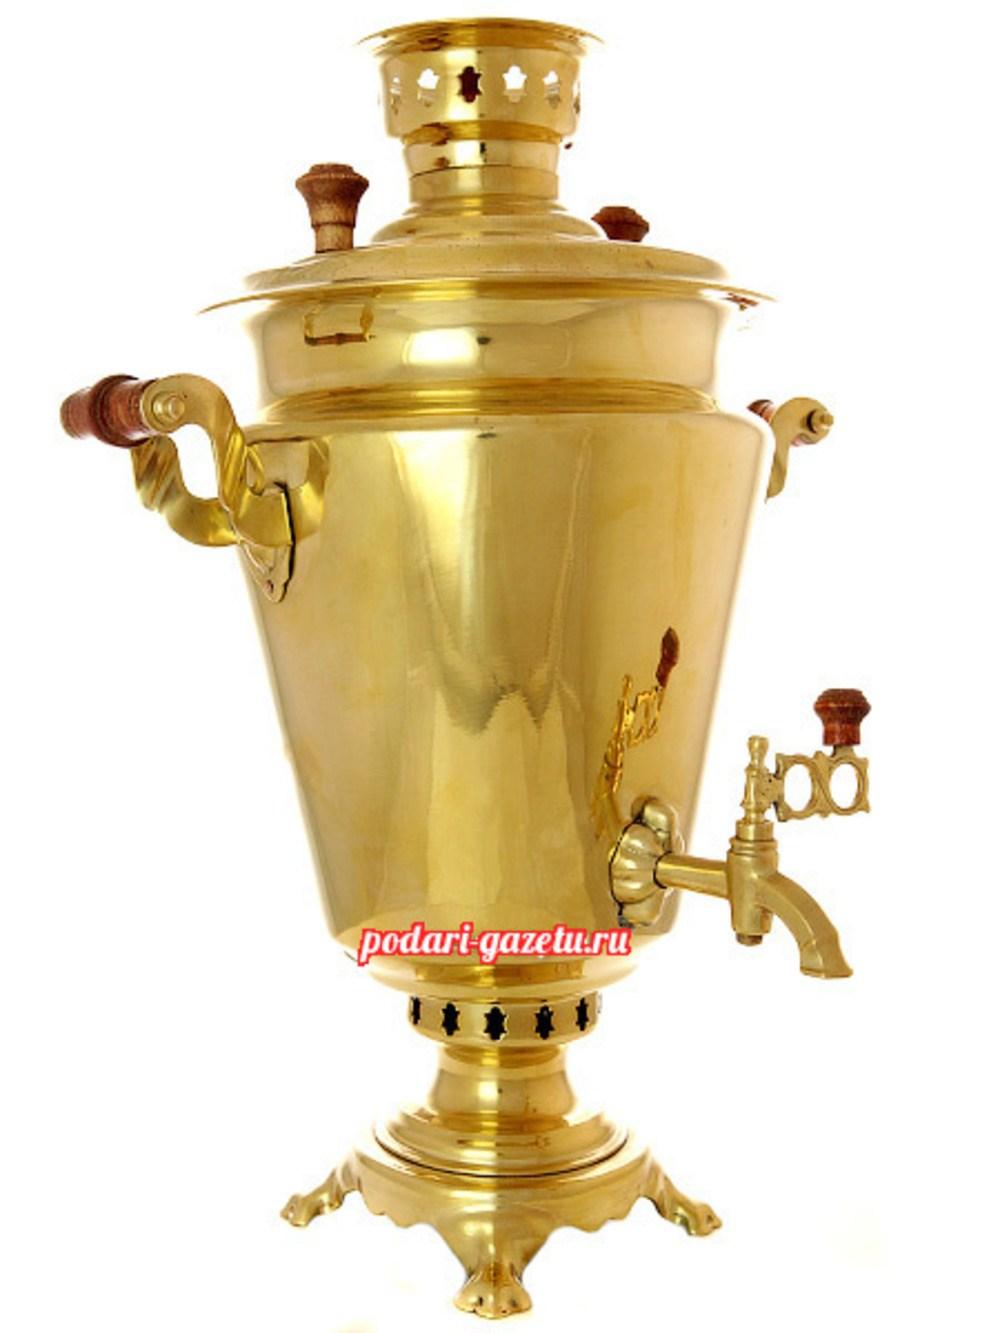 Комбинированный самовар (электрический/угольный) на 7 литров, желтый конус